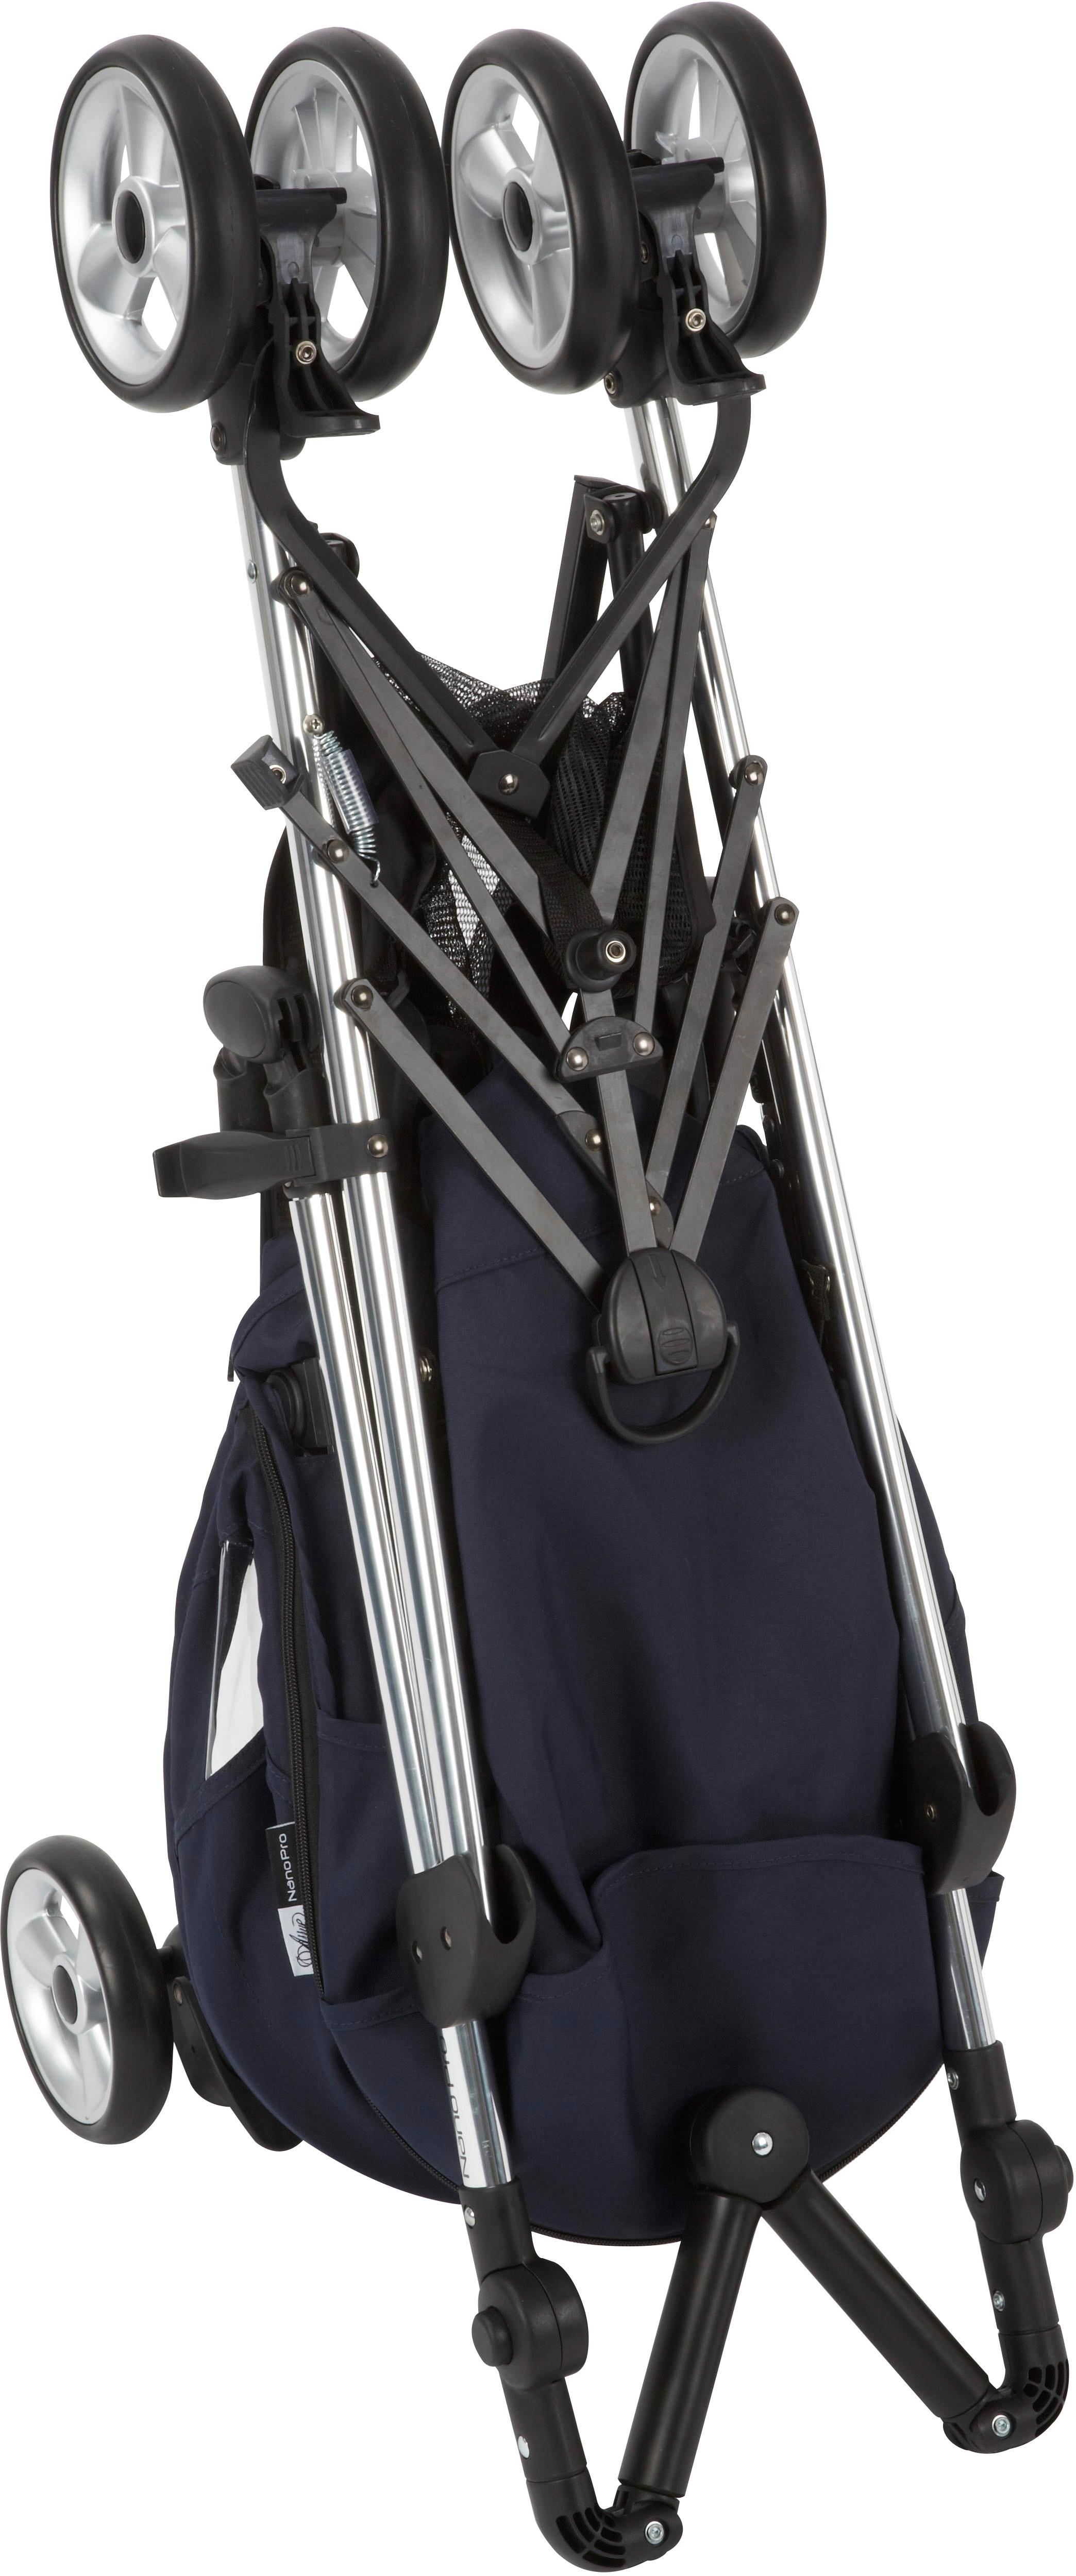 An lisis de arrue nano pro comparador de sillas de paseo ocu - Mejor silla de paseo ocu ...